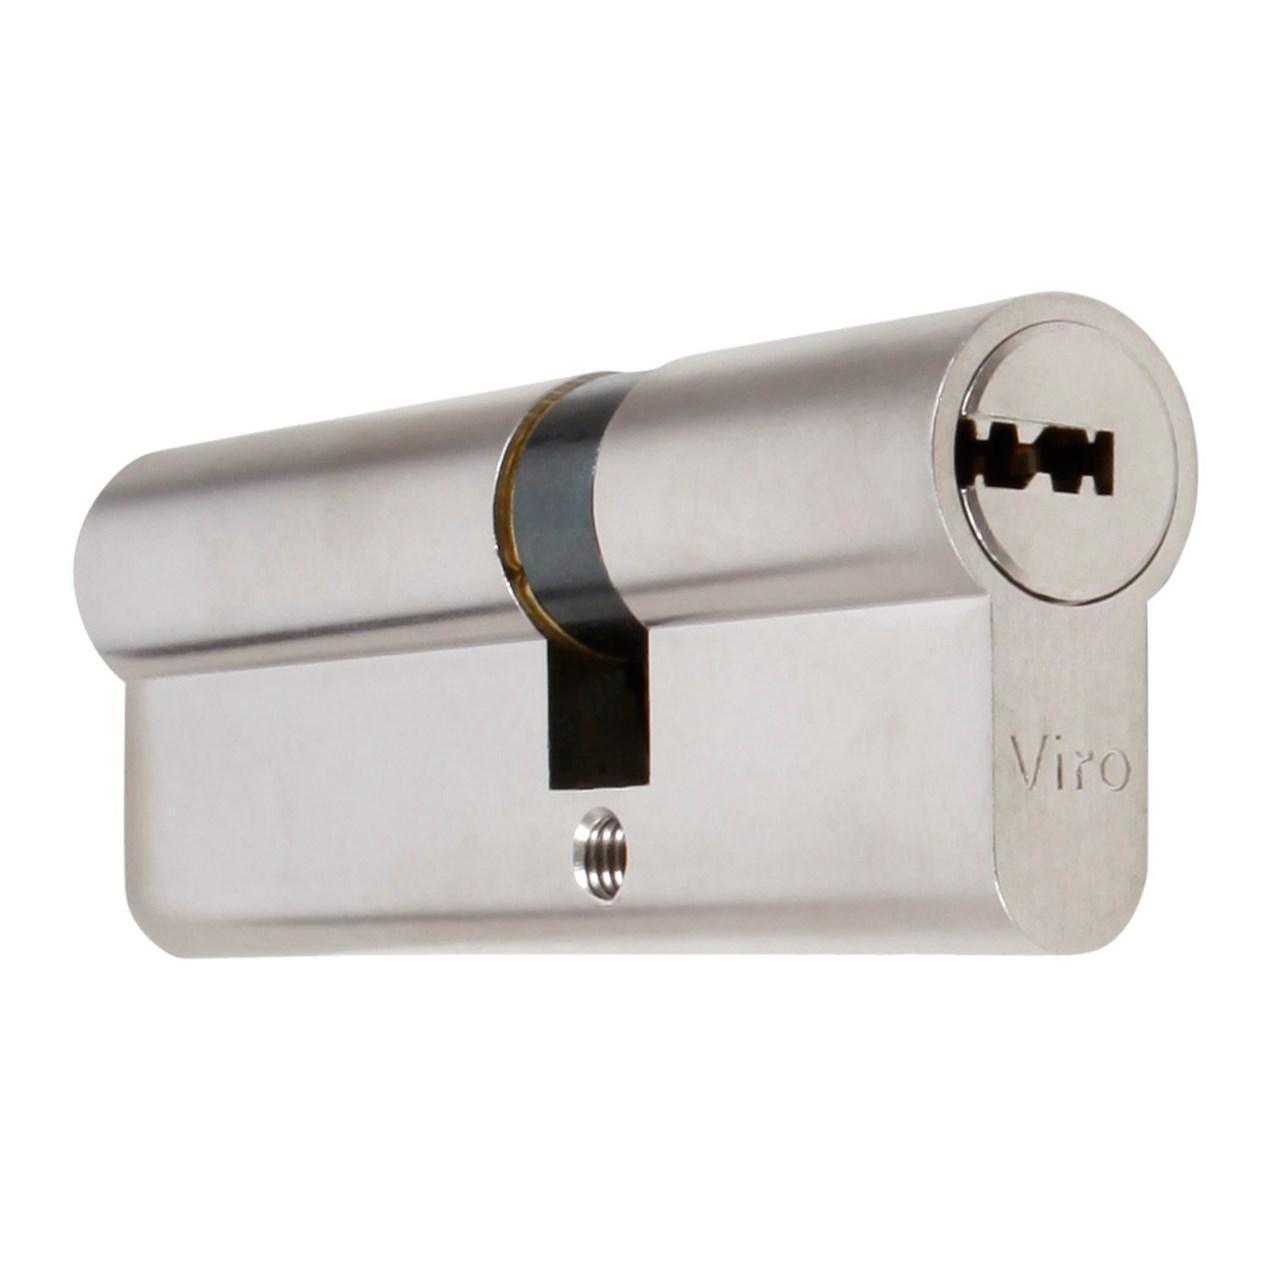 سیلندر قفل ویرو مدل New Euro-Pro